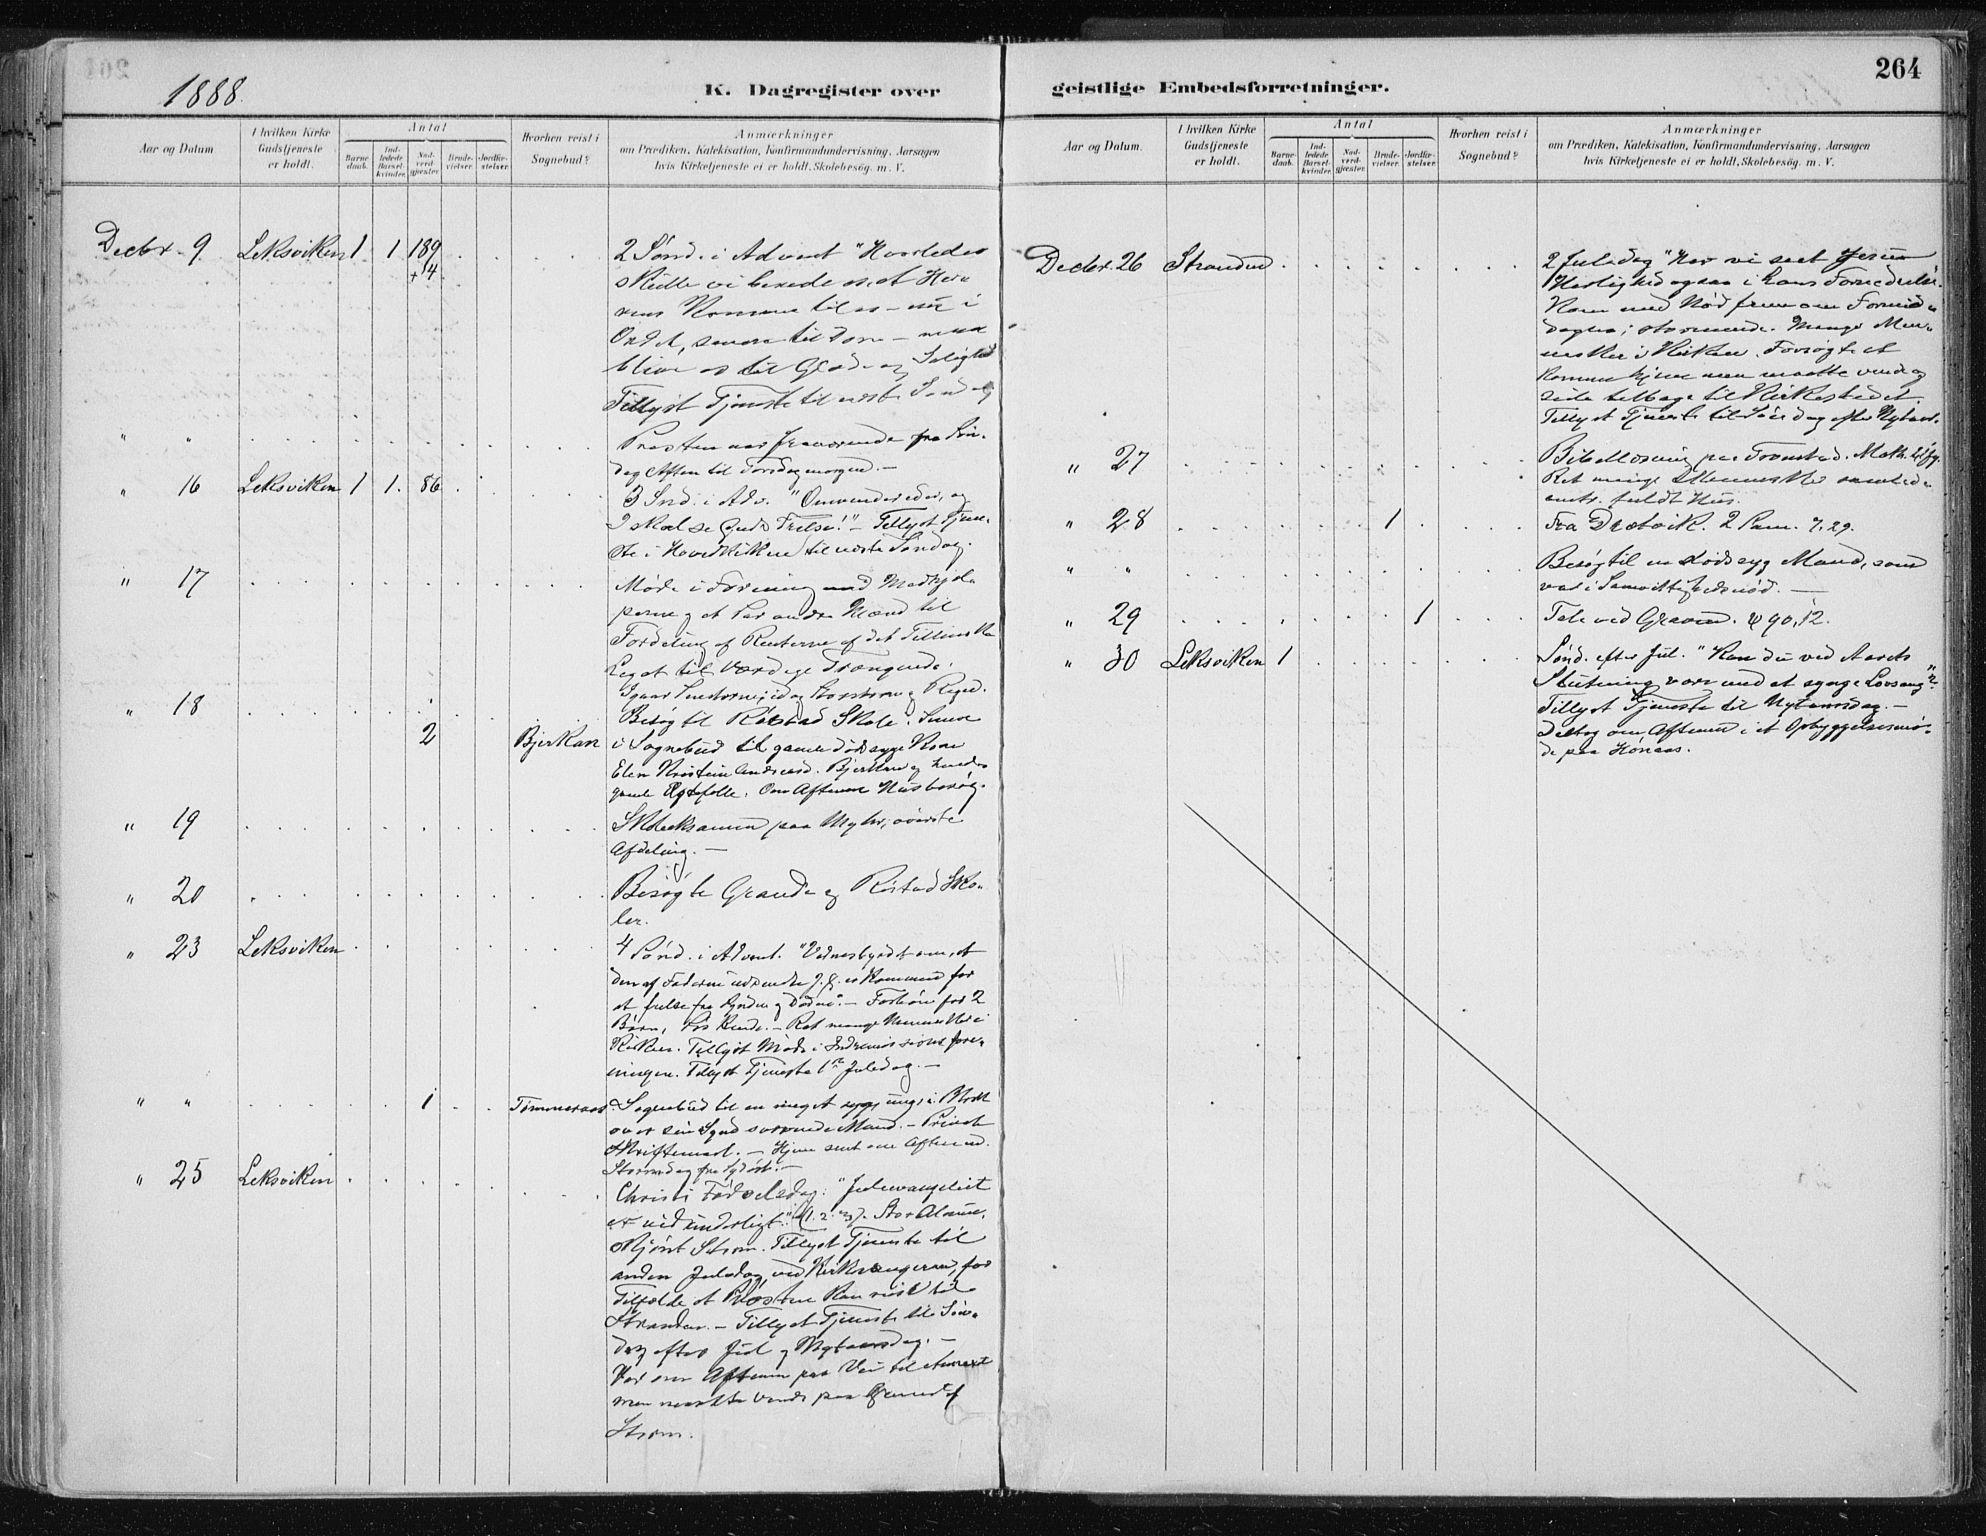 SAT, Ministerialprotokoller, klokkerbøker og fødselsregistre - Nord-Trøndelag, 701/L0010: Ministerialbok nr. 701A10, 1883-1899, s. 264